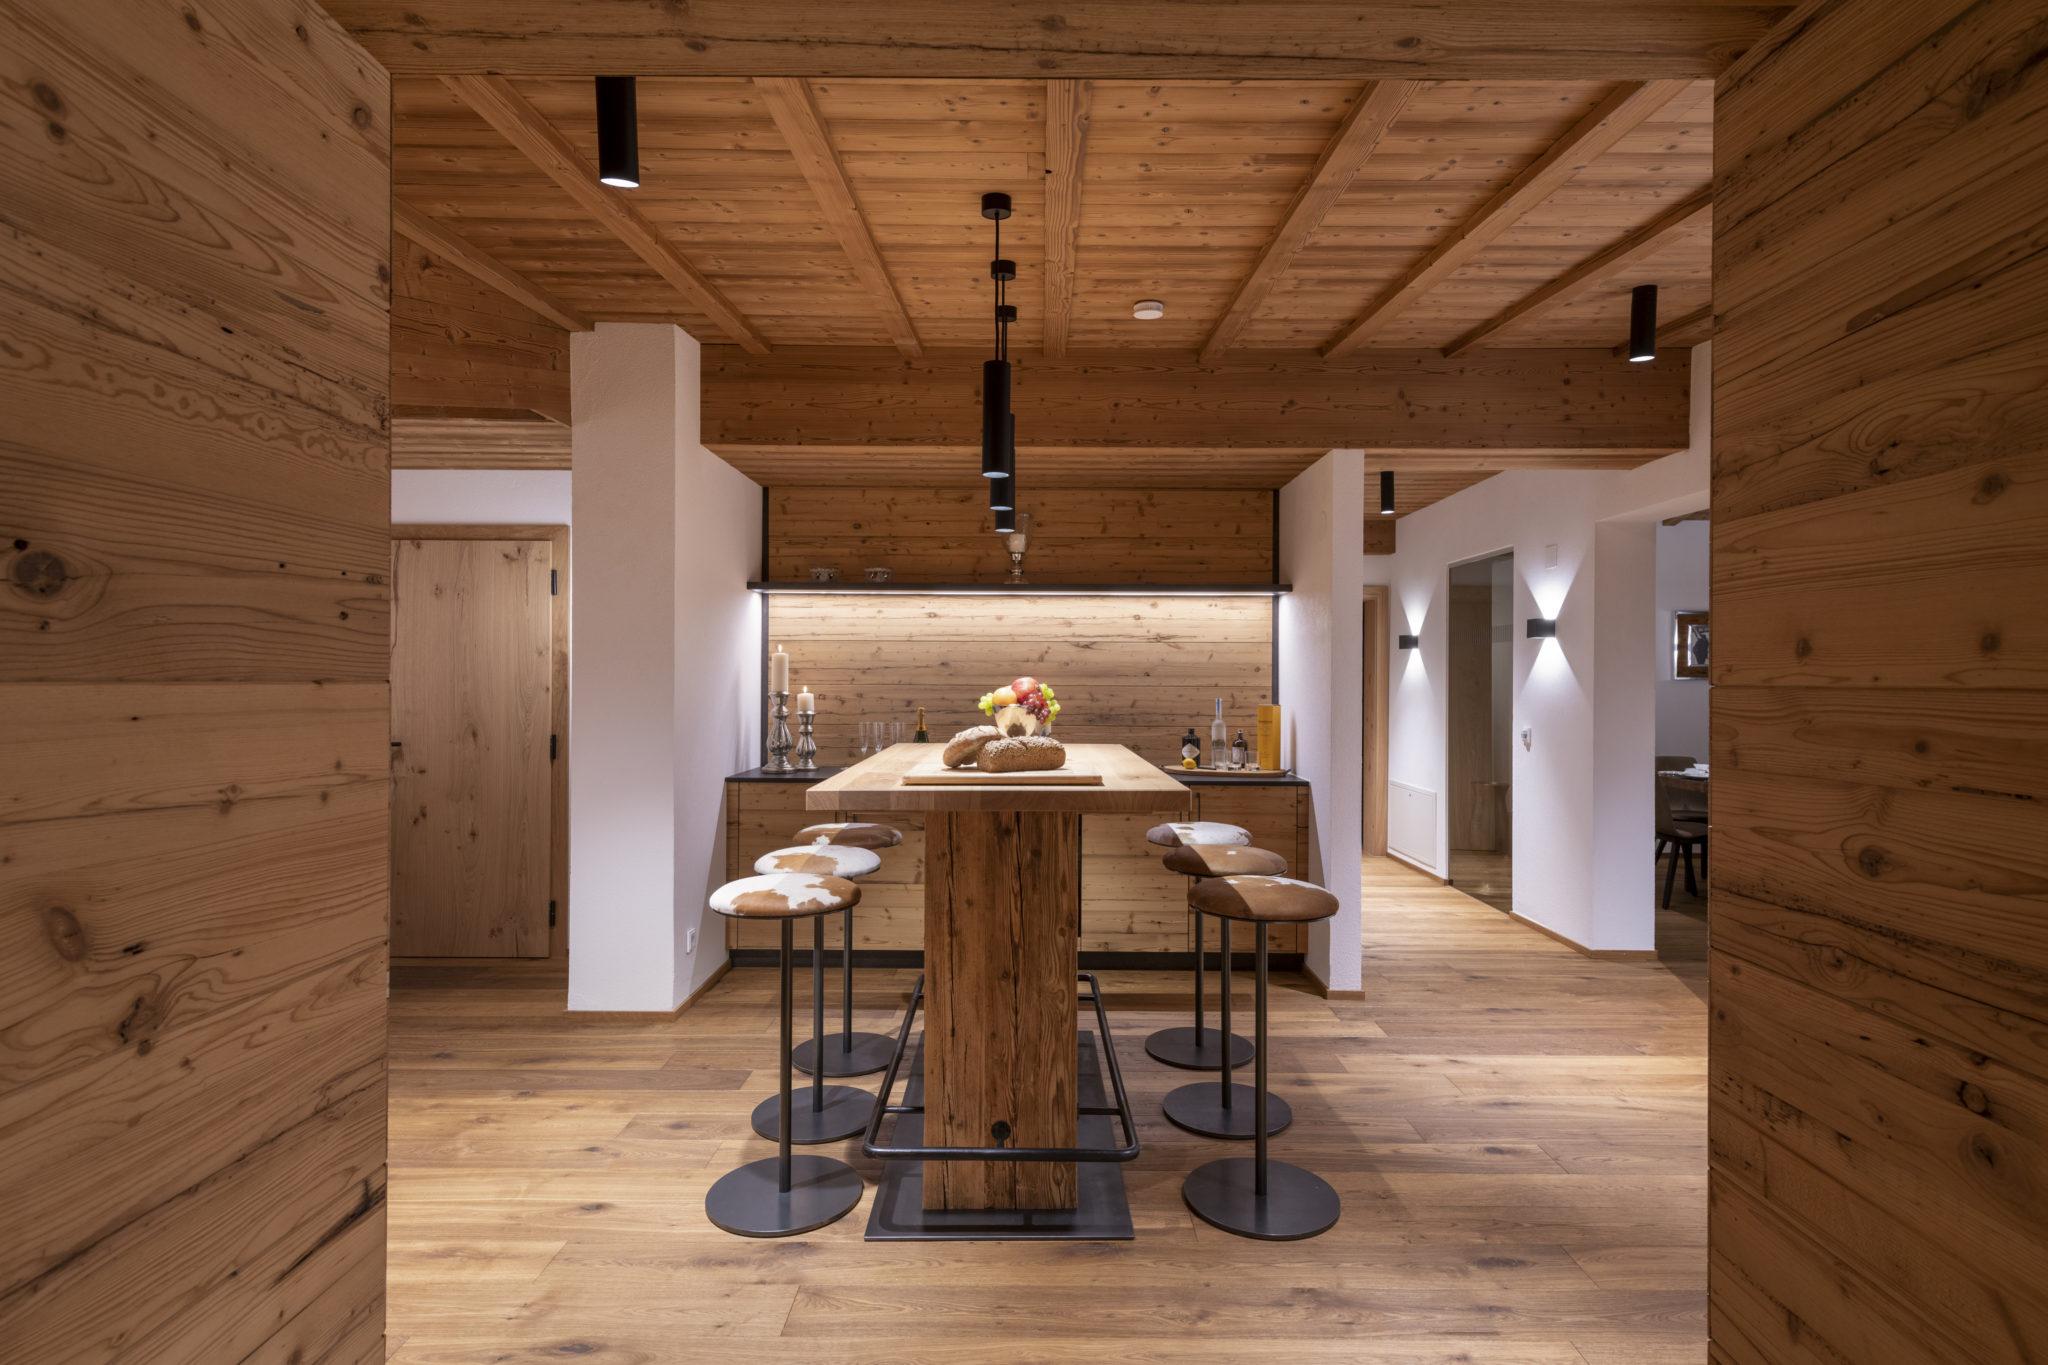 bhlhof-penthouse-11393-scaled